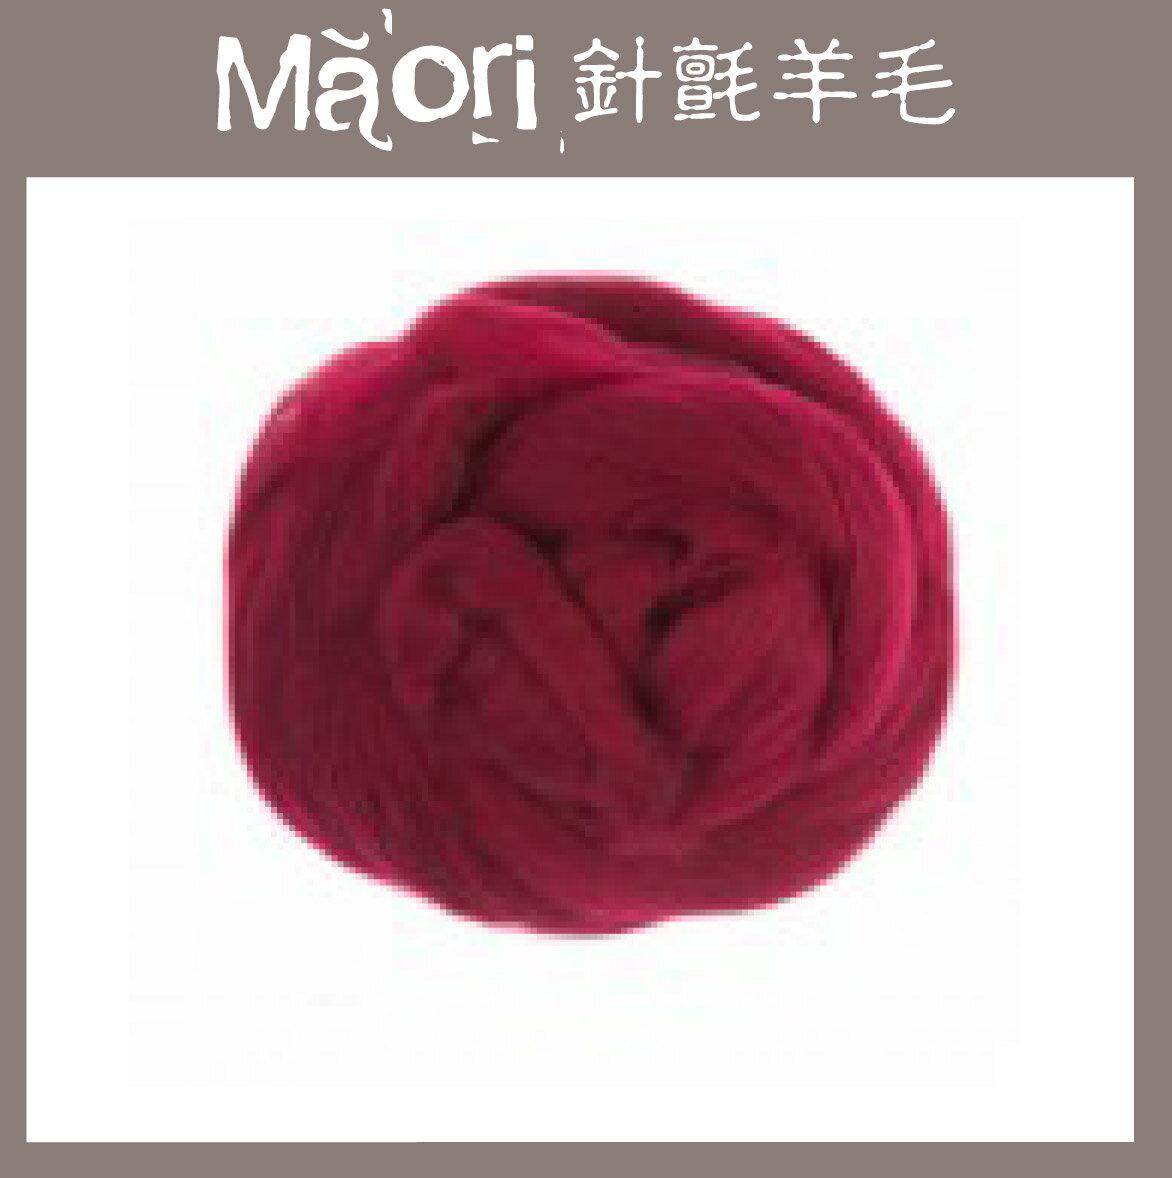 義大利托斯卡尼-Maori針氈羊毛DMR215綜合莓